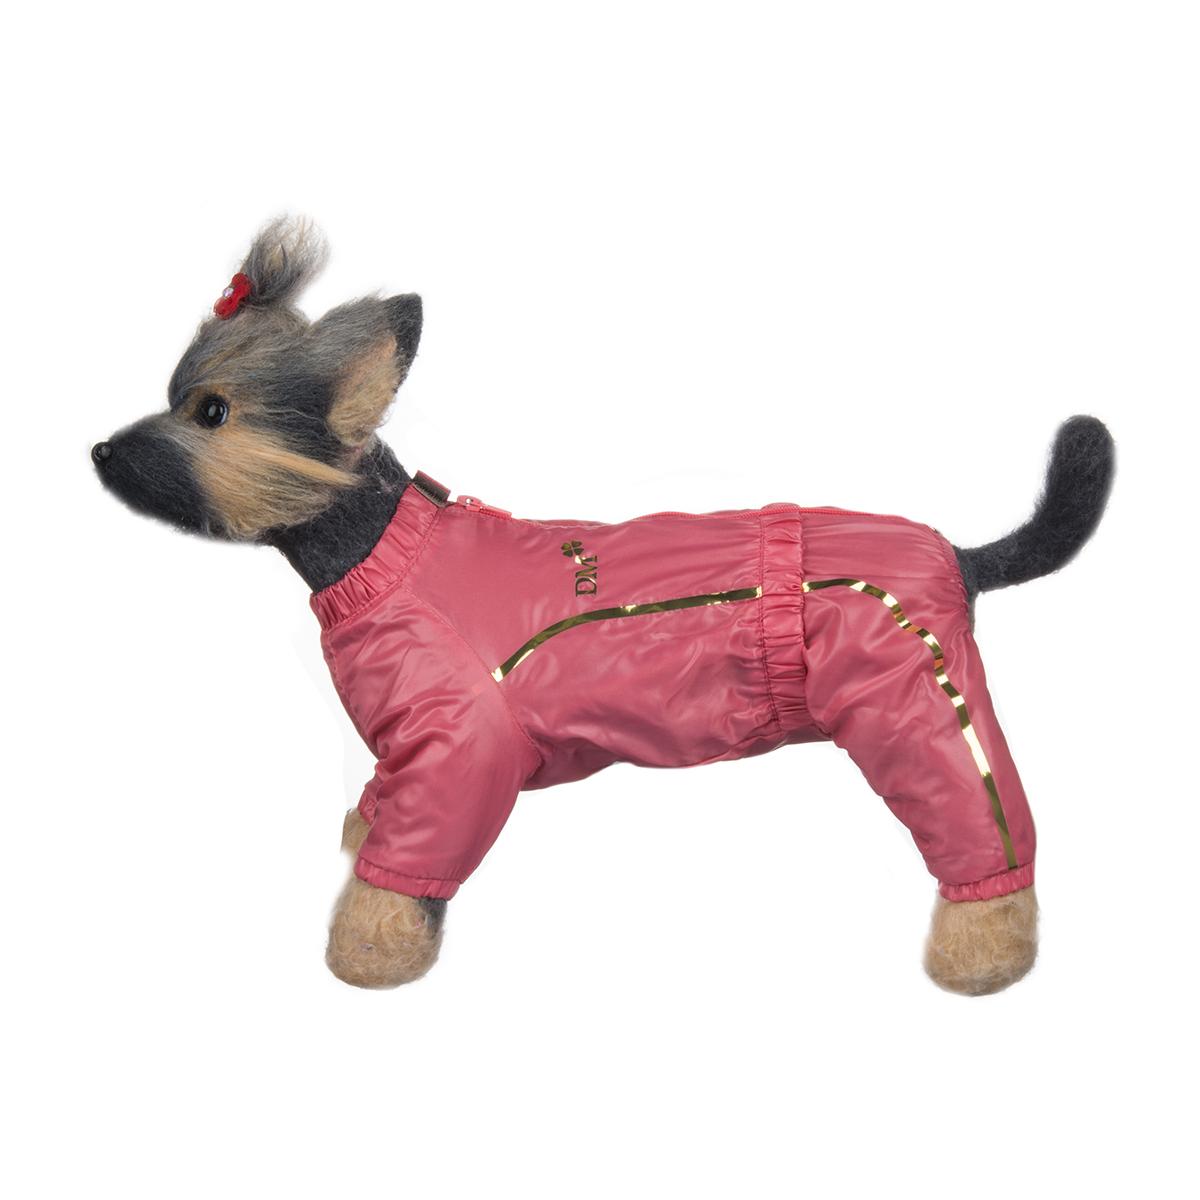 Комбинезон для собак Dogmoda Альпы, для девочки, цвет: коралловый. Размер 2 (M)DM-150326-2Комбинезон для собак Dogmoda Альпы отлично подойдет для прогулок поздней осенью или ранней весной.Комбинезон изготовлен из полиэстера, защищающего от ветра и осадков, с подкладкой из флиса, которая сохранит тепло и обеспечит отличный воздухообмен. Комбинезон застегивается на молнию и липучку, благодаря чему его легко надевать и снимать. Ворот, низ рукавов и брючин оснащены внутренними резинками, которые мягко обхватывают шею и лапки, не позволяя просачиваться холодному воздуху. На пояснице имеется внутренняя резинка. Изделие декорировано золотистыми полосками и надписью DM.Благодаря такому комбинезону простуда не грозит вашему питомцу и он не даст любимцу продрогнуть на прогулке.